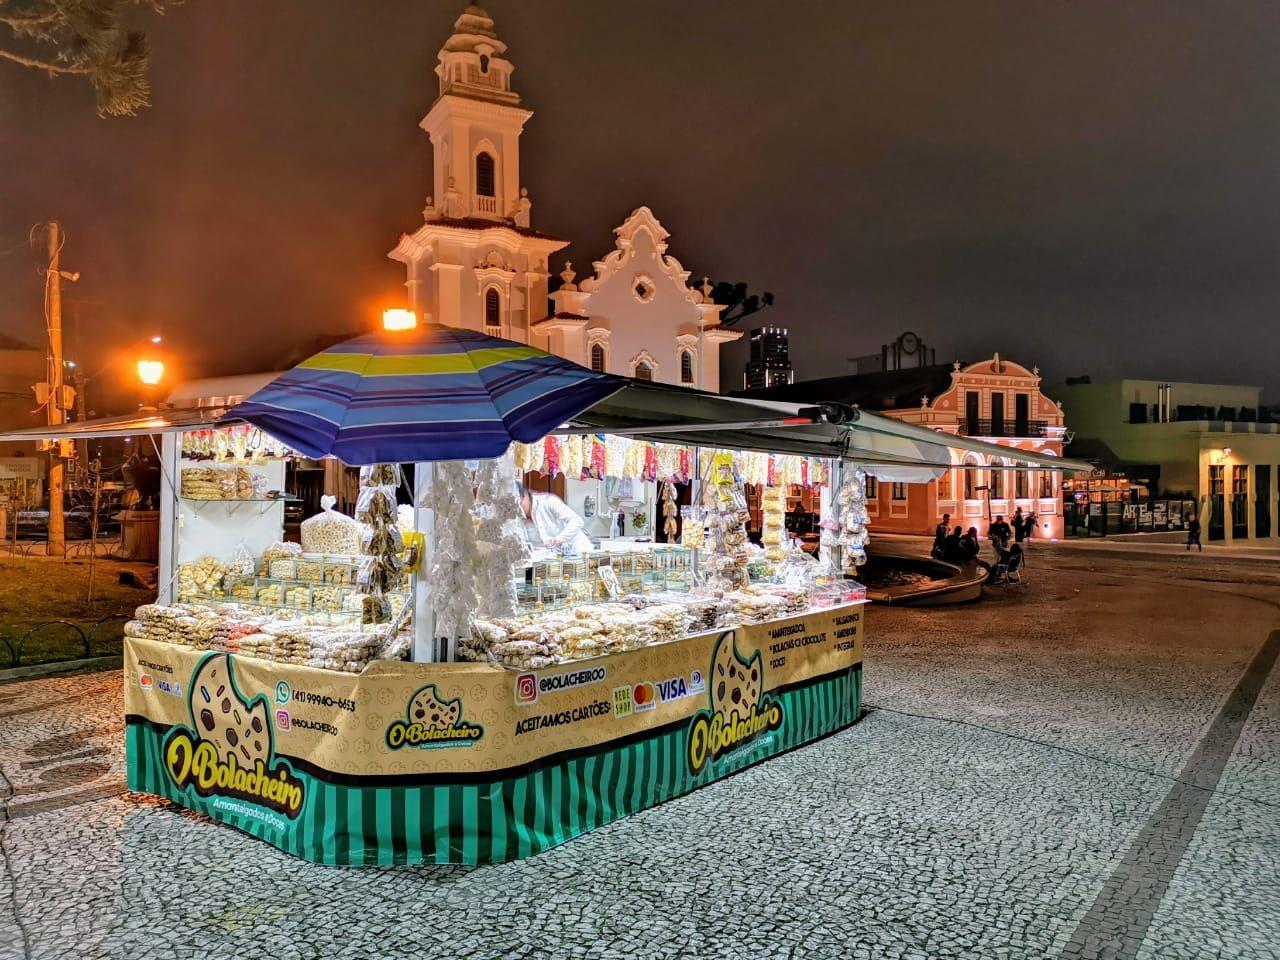 Foto 17 - Amanteigados O BOLACHEIRO